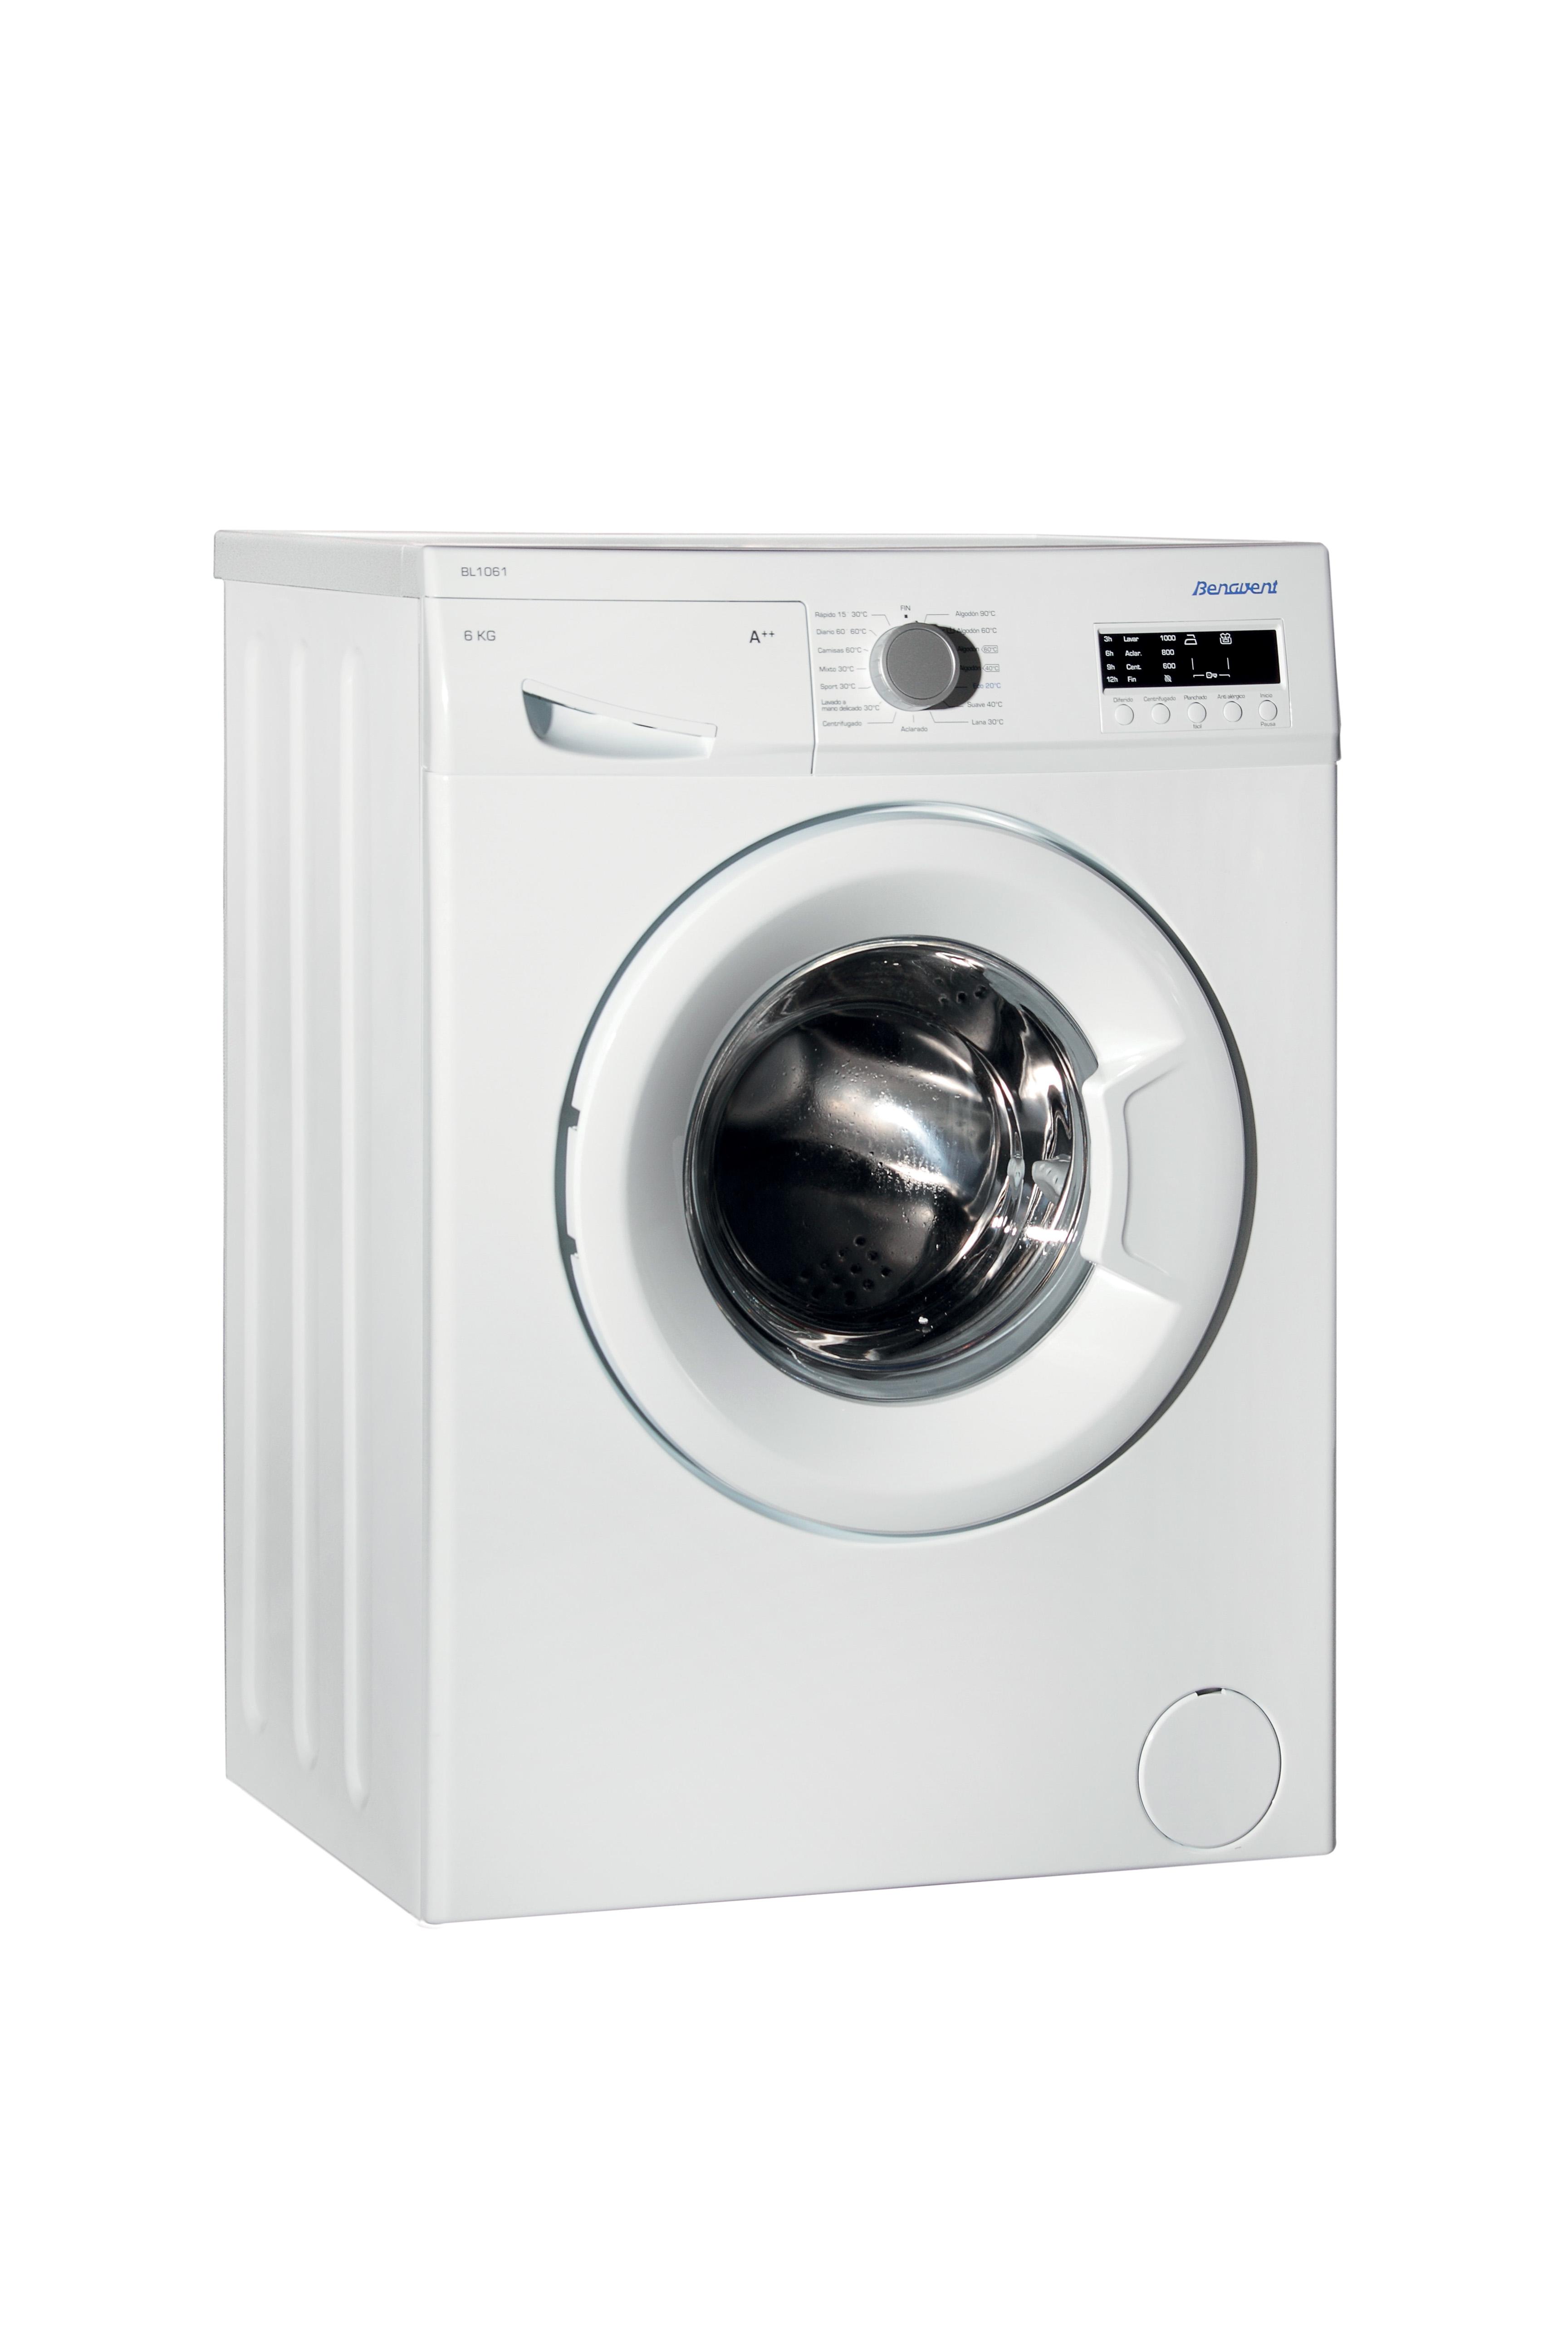 SERVEI TECNIC NO OFICIAL BENAVENT Benavent Lavadoras lavavajillas cocinas estufas combis congeladores arcones frigorificos.